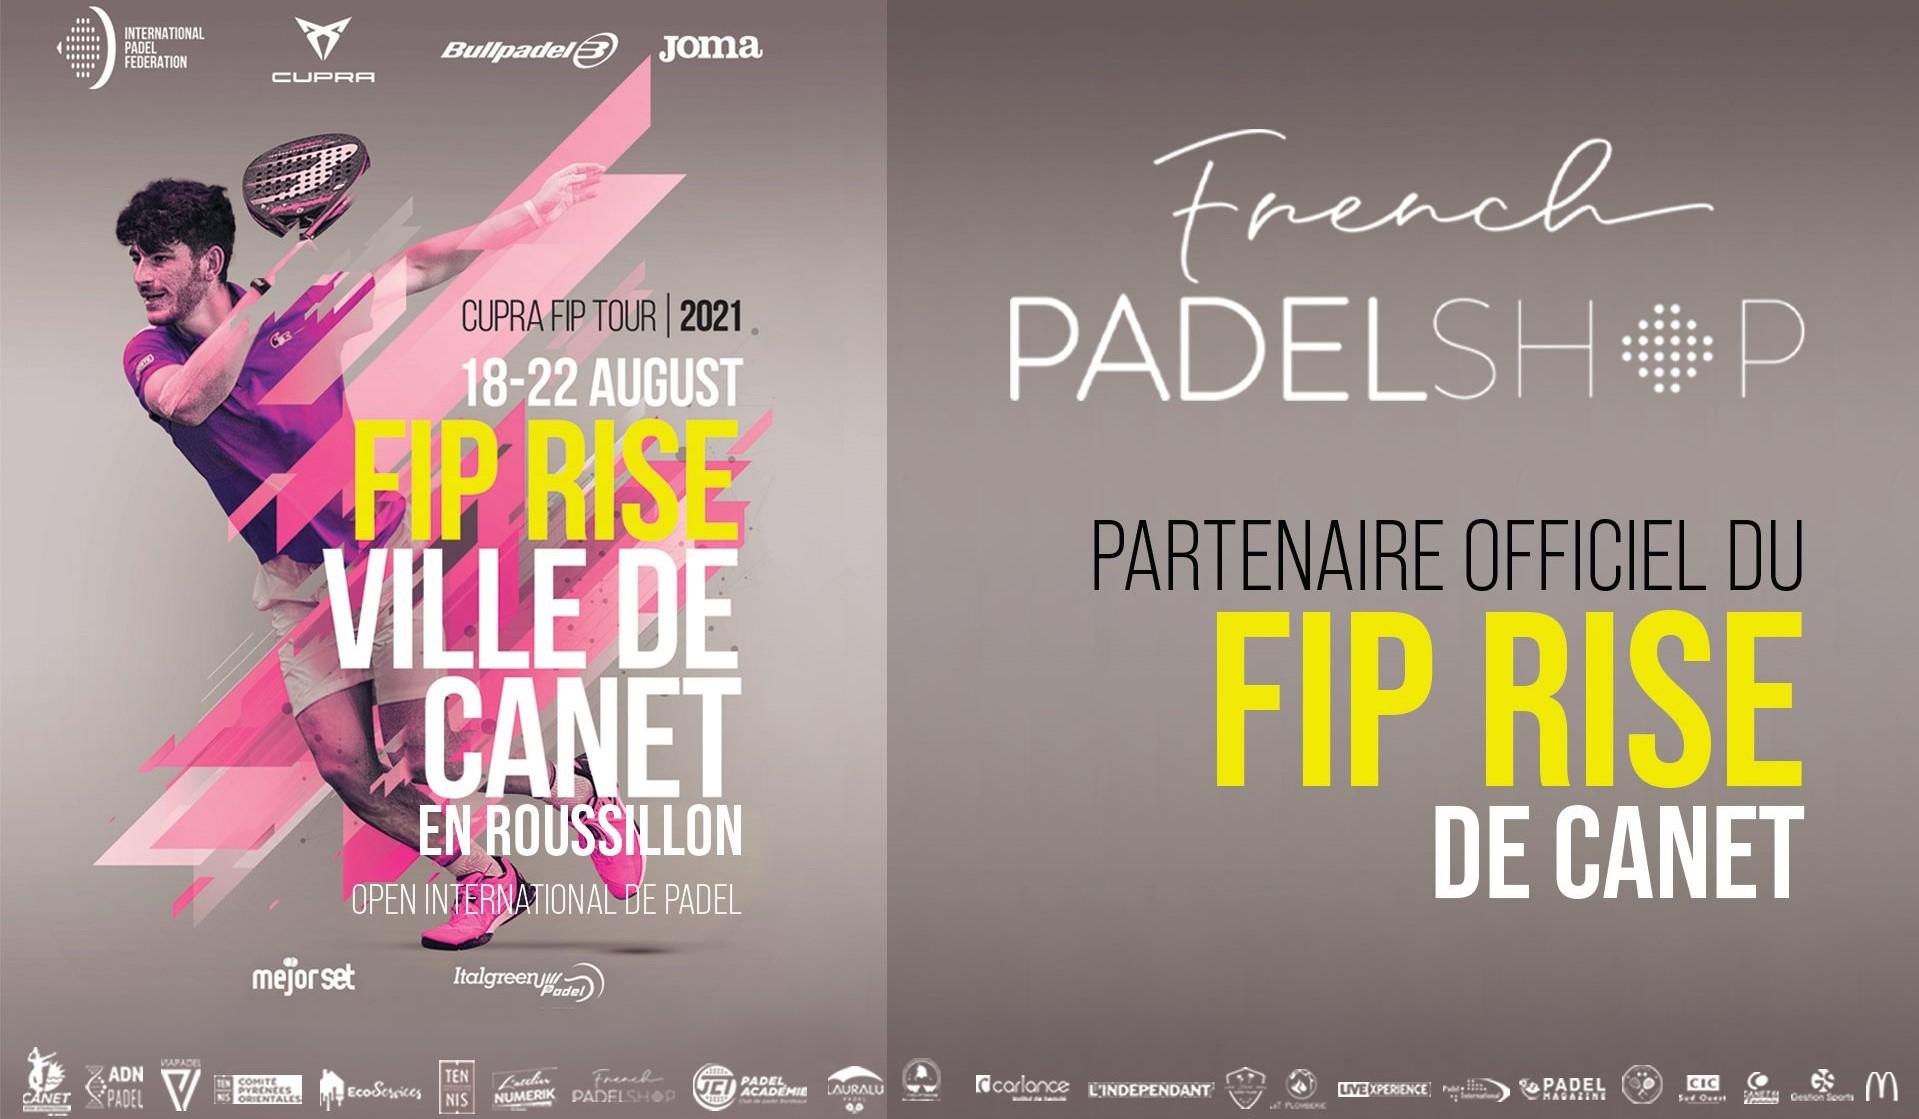 French Padel Shop partenaire officiel du FIP Rise de Canet 2021